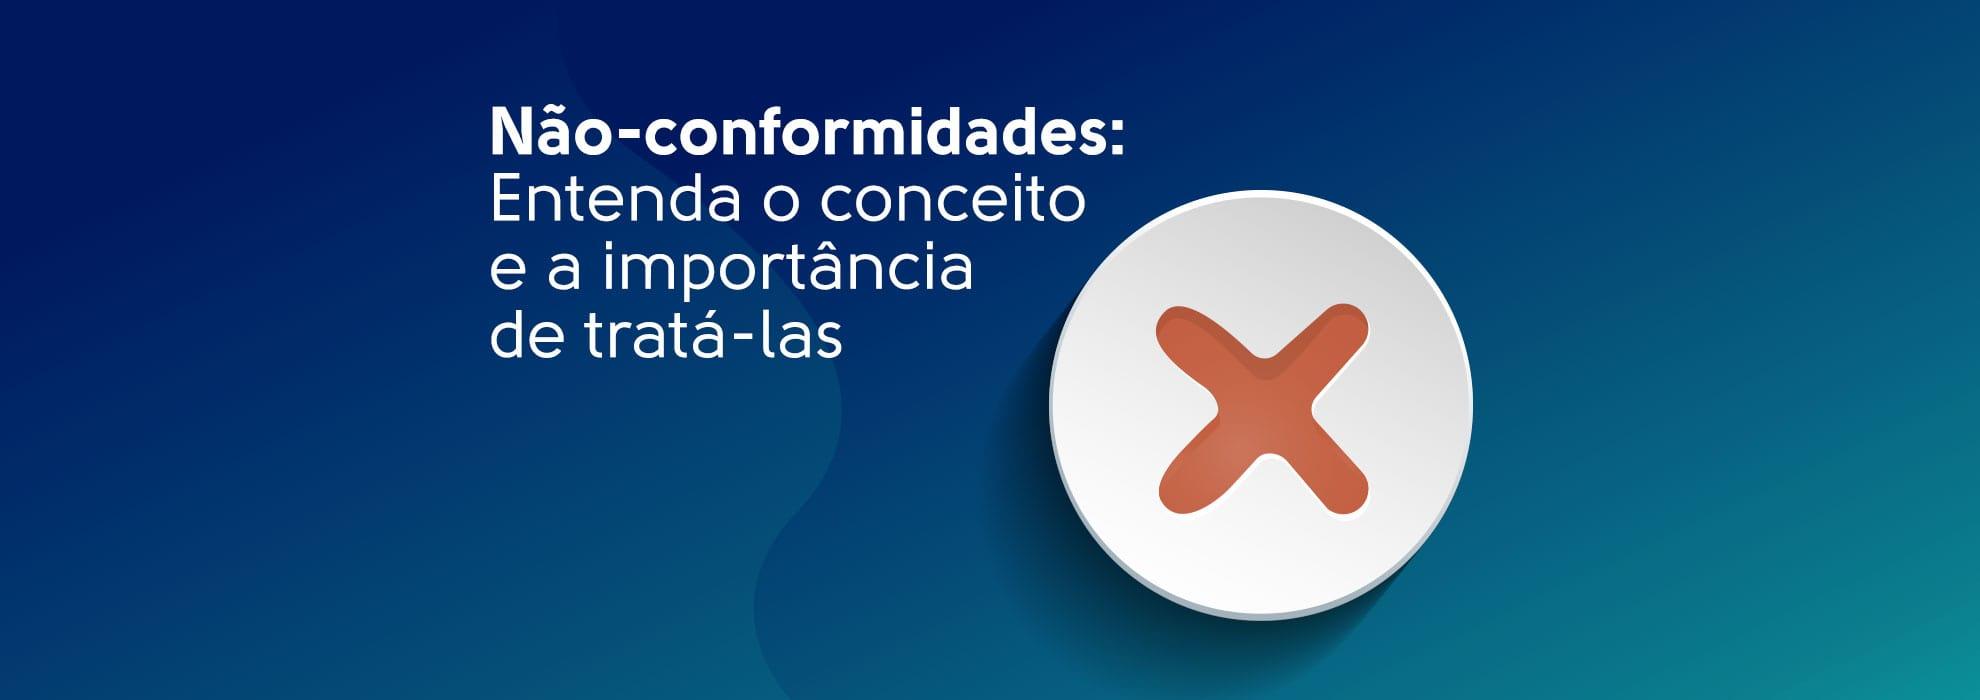 You are currently viewing Não-conformidades: Entenda o conceito e a importância de tratá-las